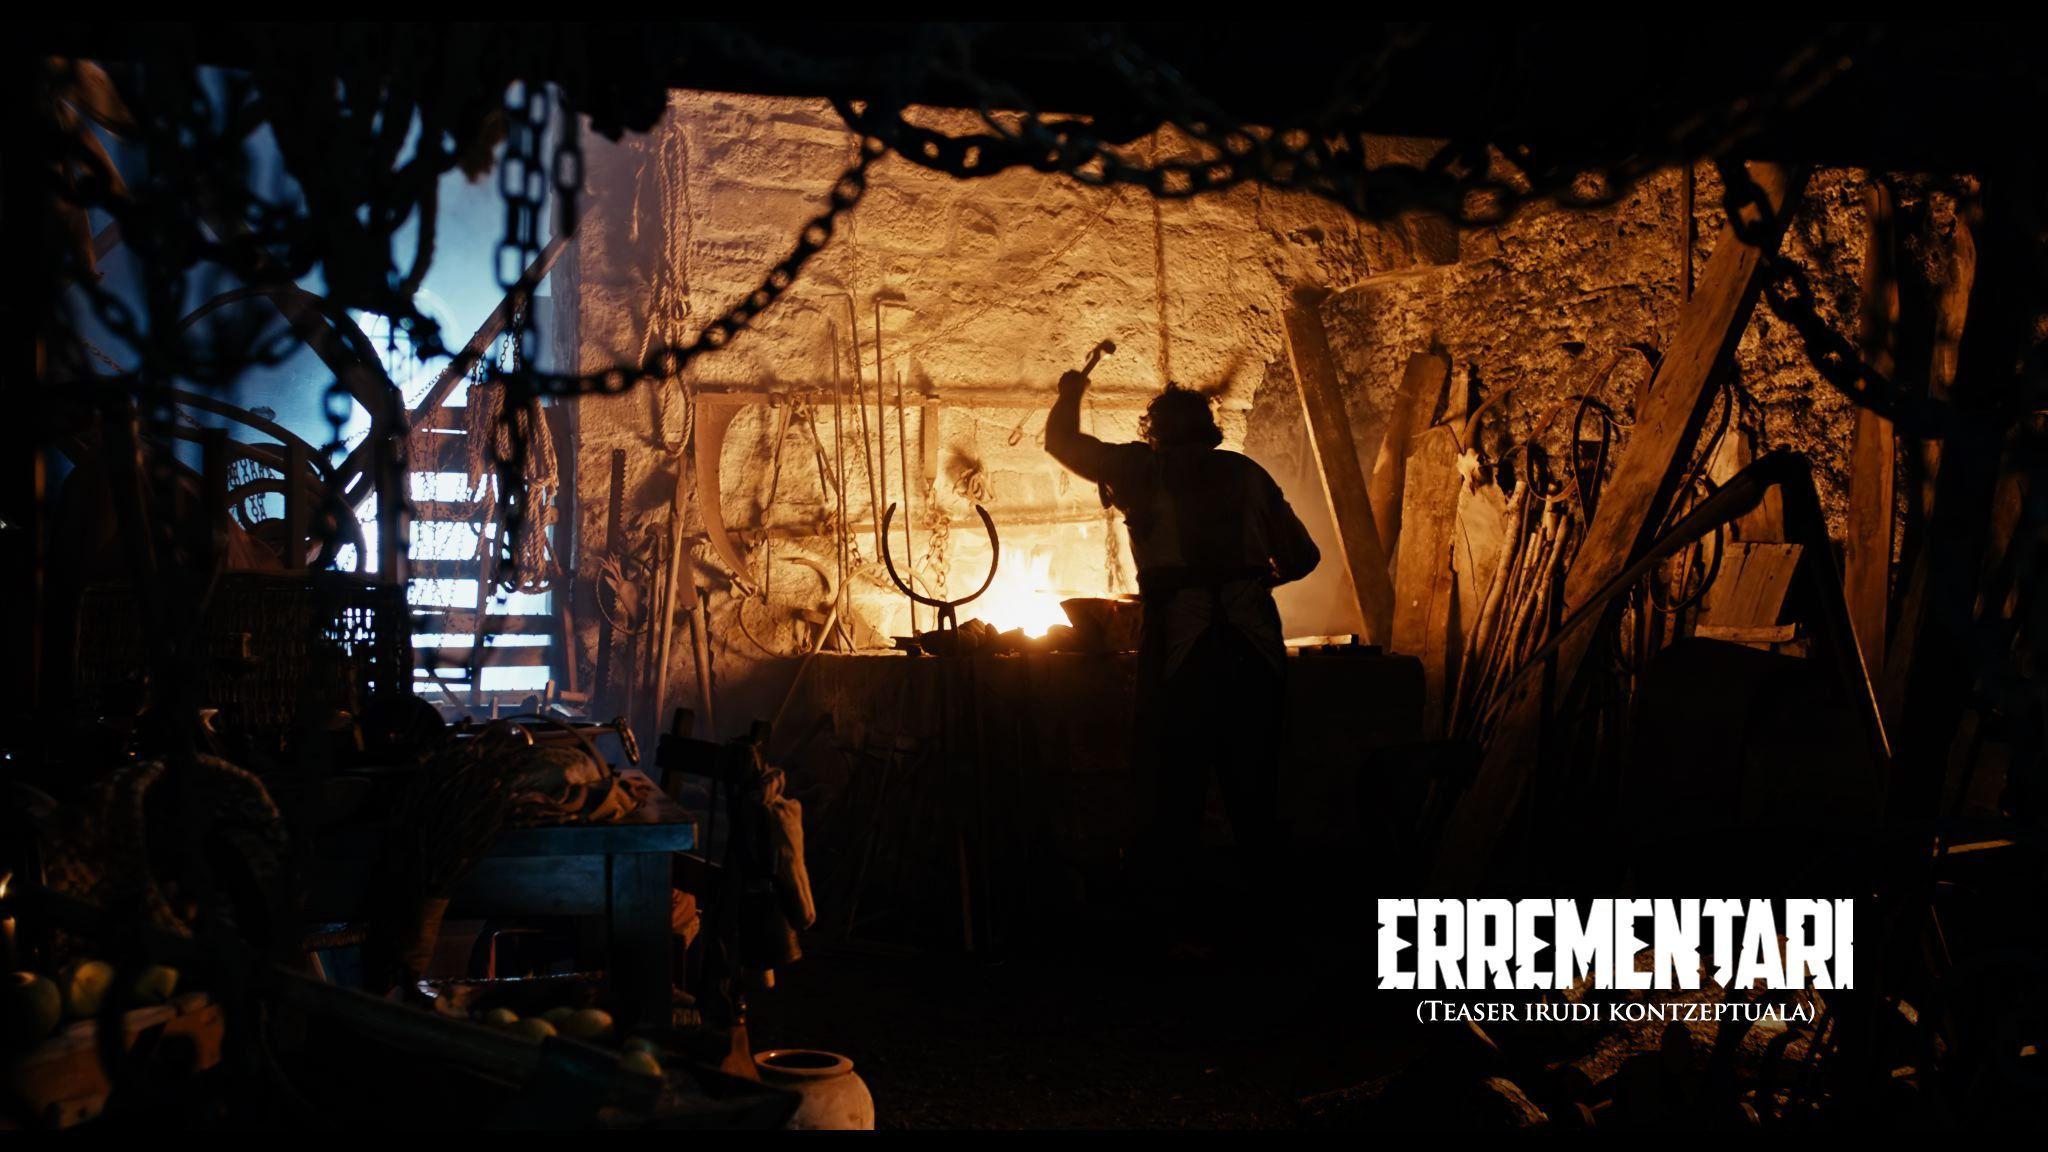 """""""Errementari: El Herrero y el Diablo"""" ya tiene fecha de estreno en cines"""